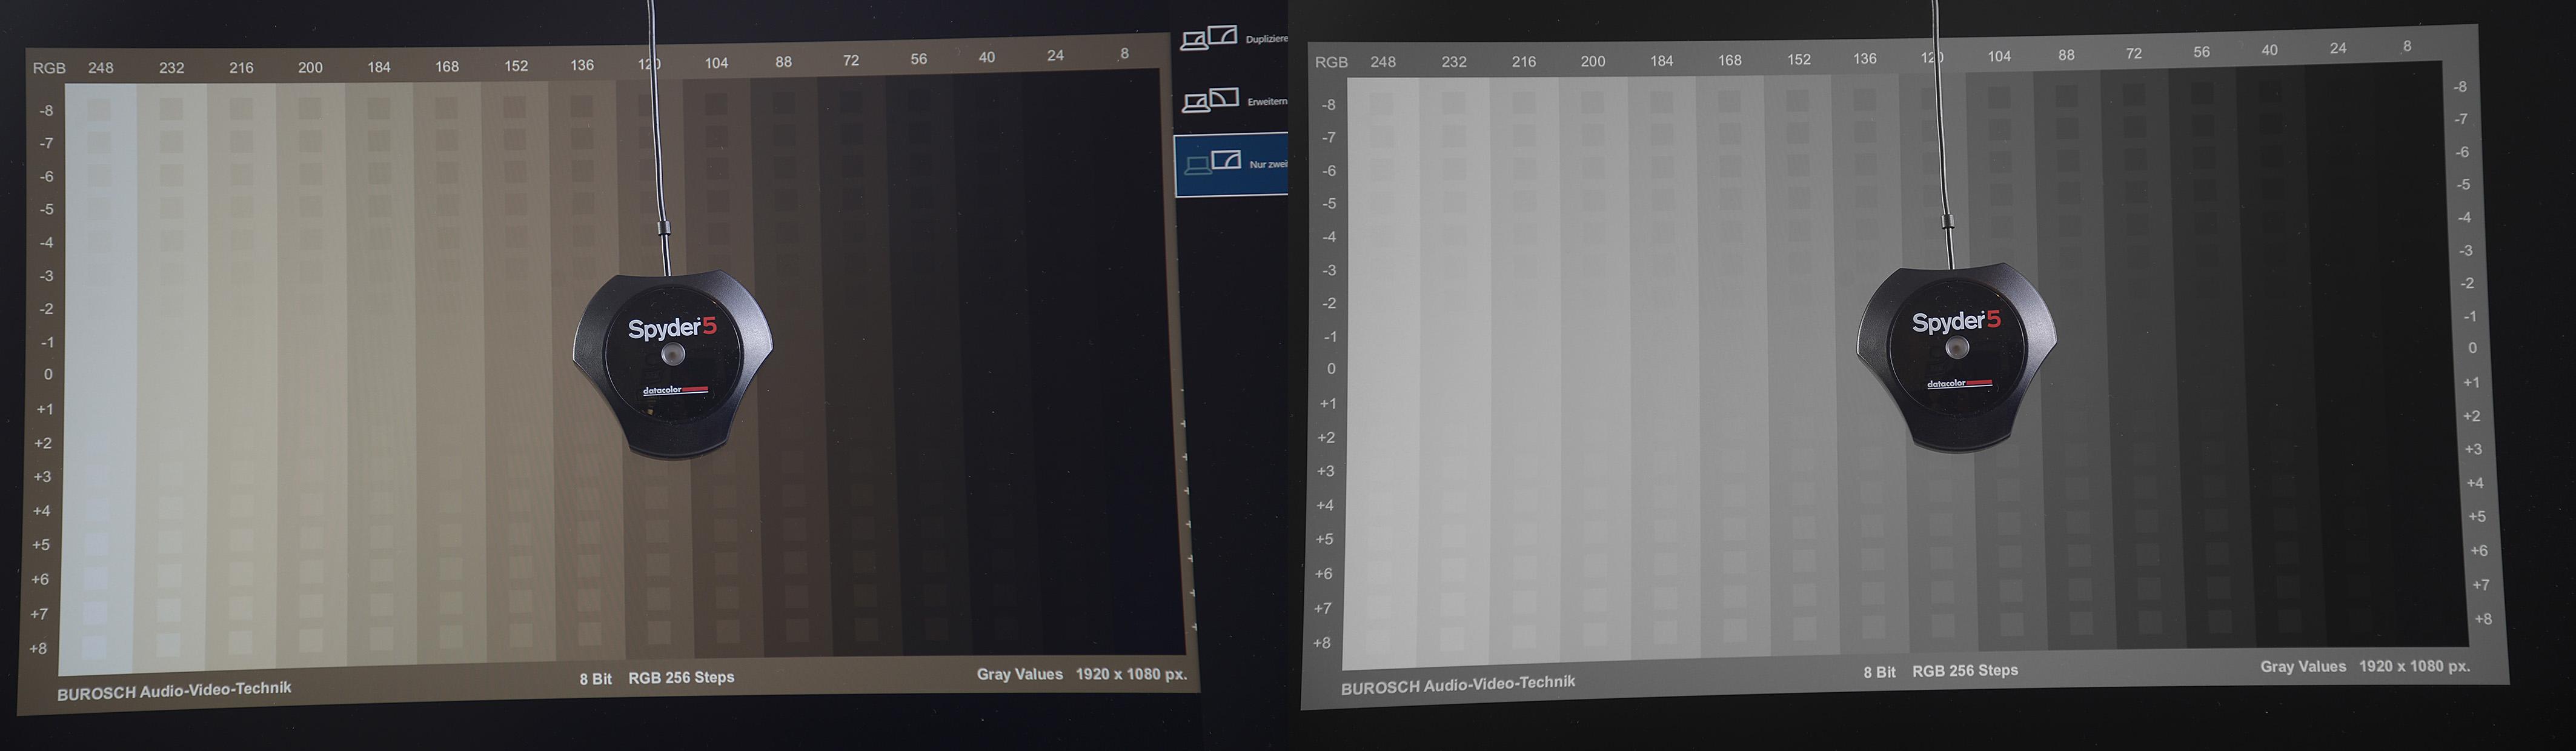 Links ist die Grautreppe so zu sehen, wie mein Notebook sie ausgibt. Die rotbraunen Verfärbungen einzelner Abstufungen sind deutlich zu erkennen. Nach der Hardwarekalibrierung (rechts) werden alle Abstufungen farbneutral und somit farbkorrekt dargestellt.